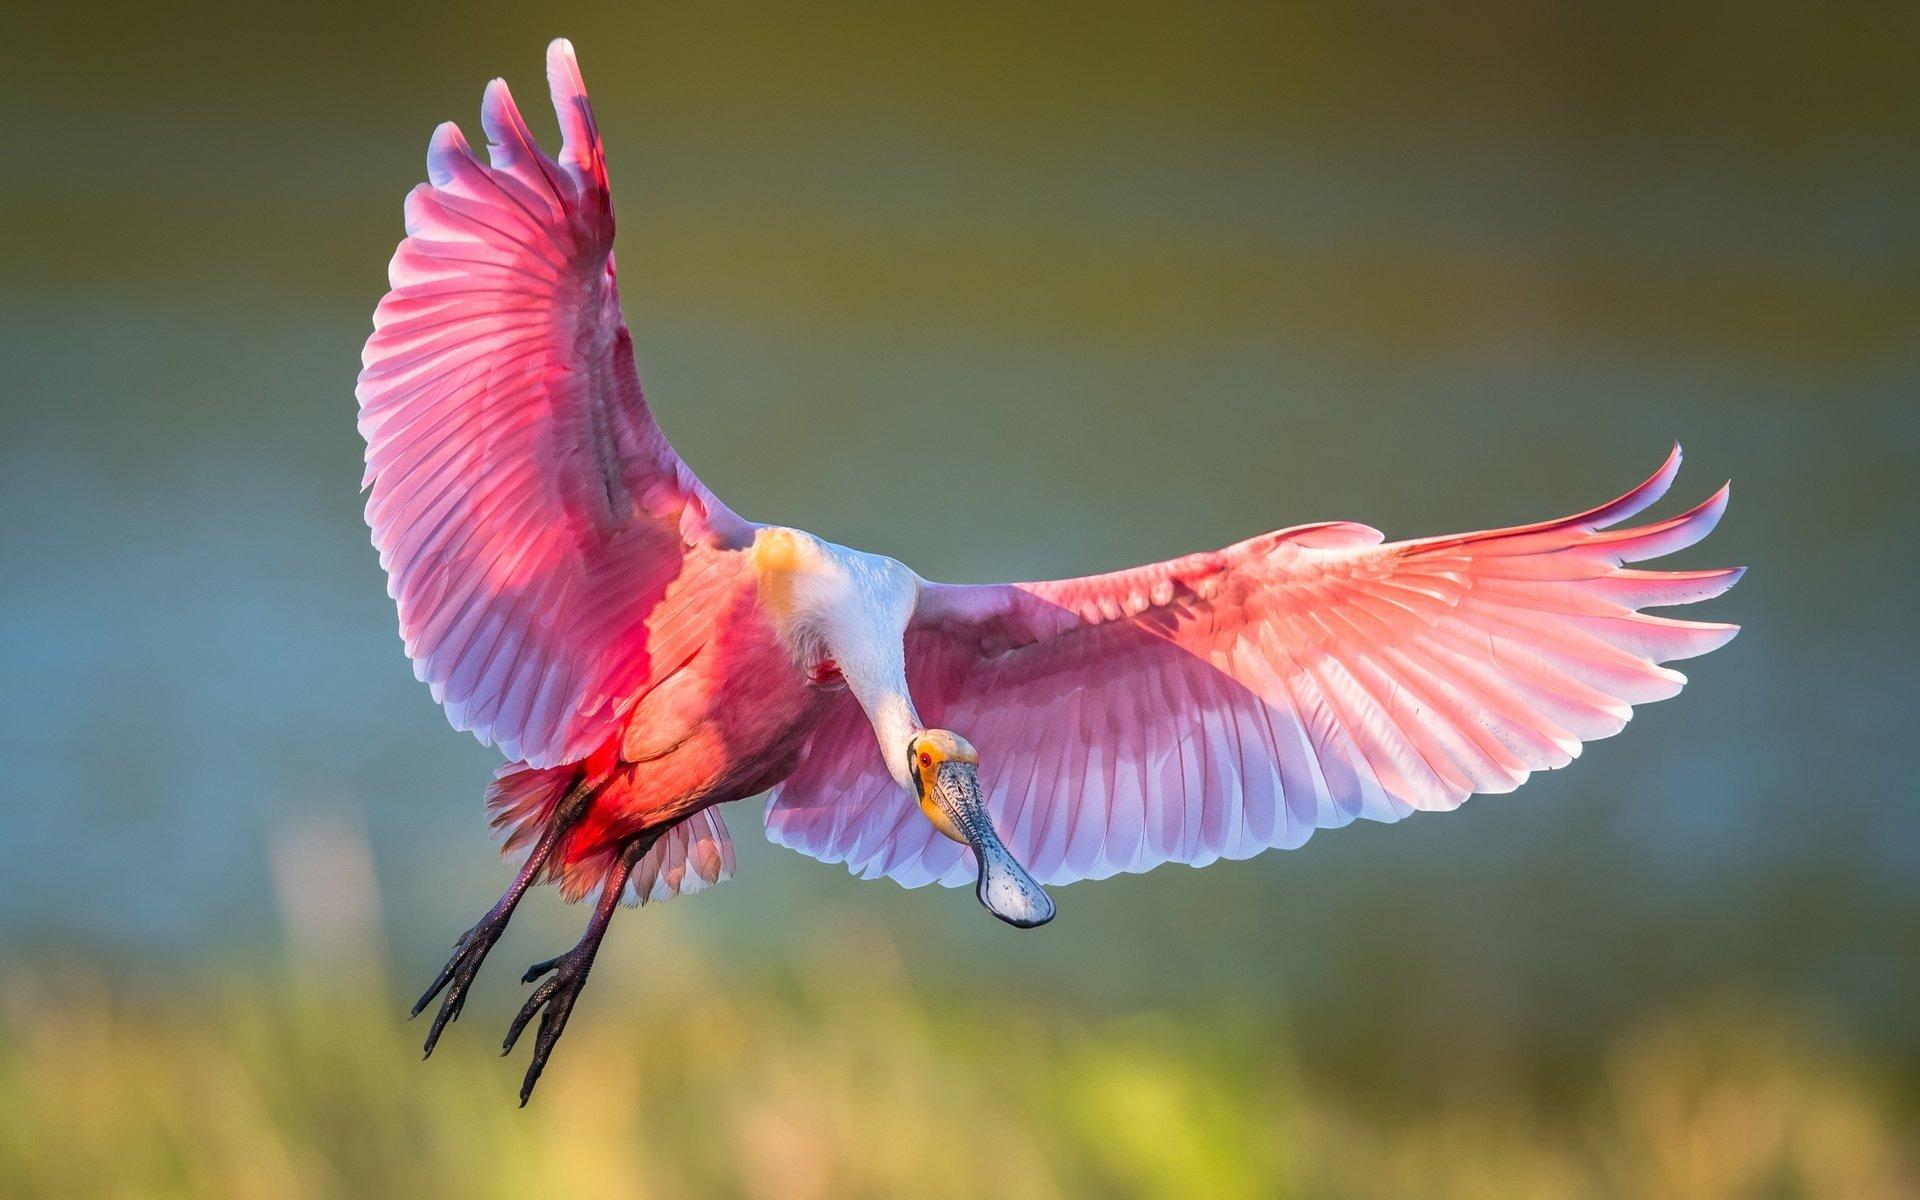 птица ветка клюв крылья  № 1996081 загрузить